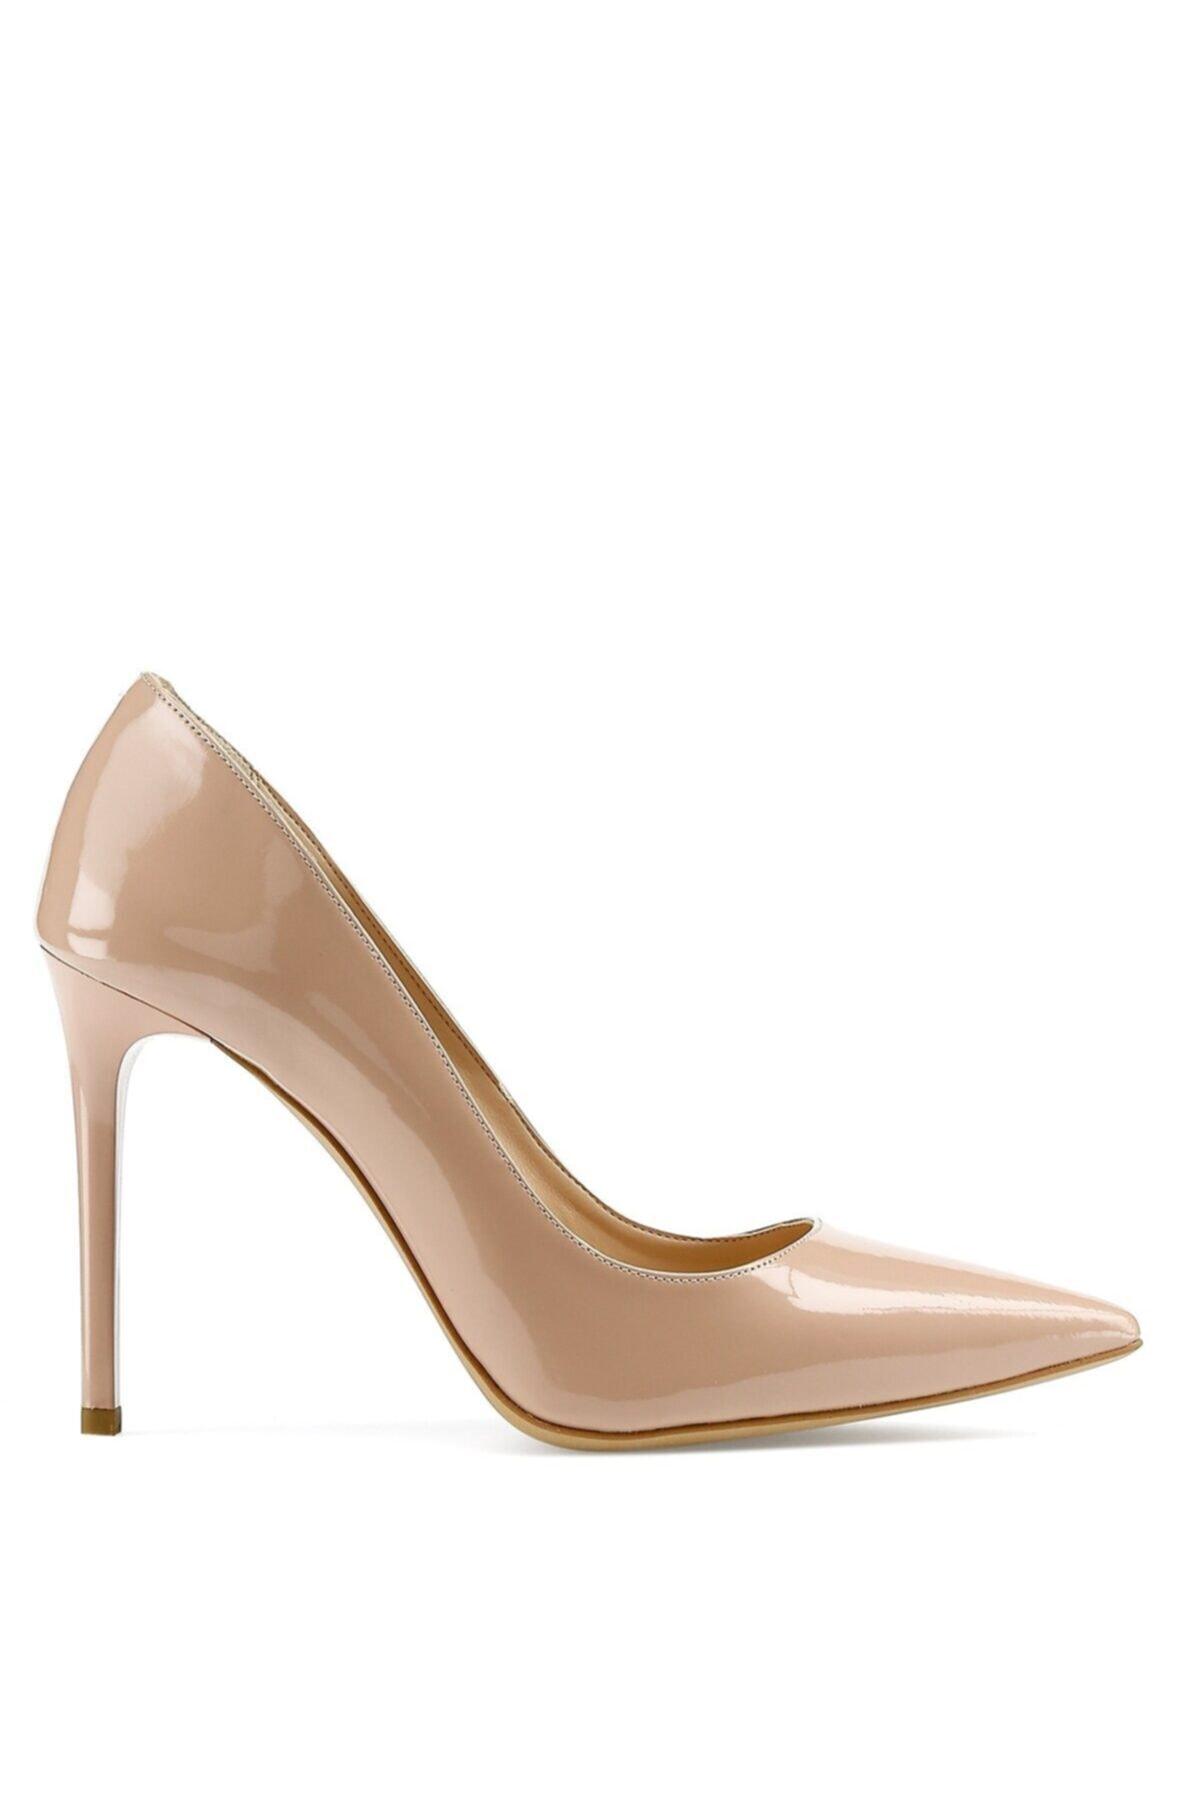 Sunde3 1pr Nude Kadın Gova Ayakkabı